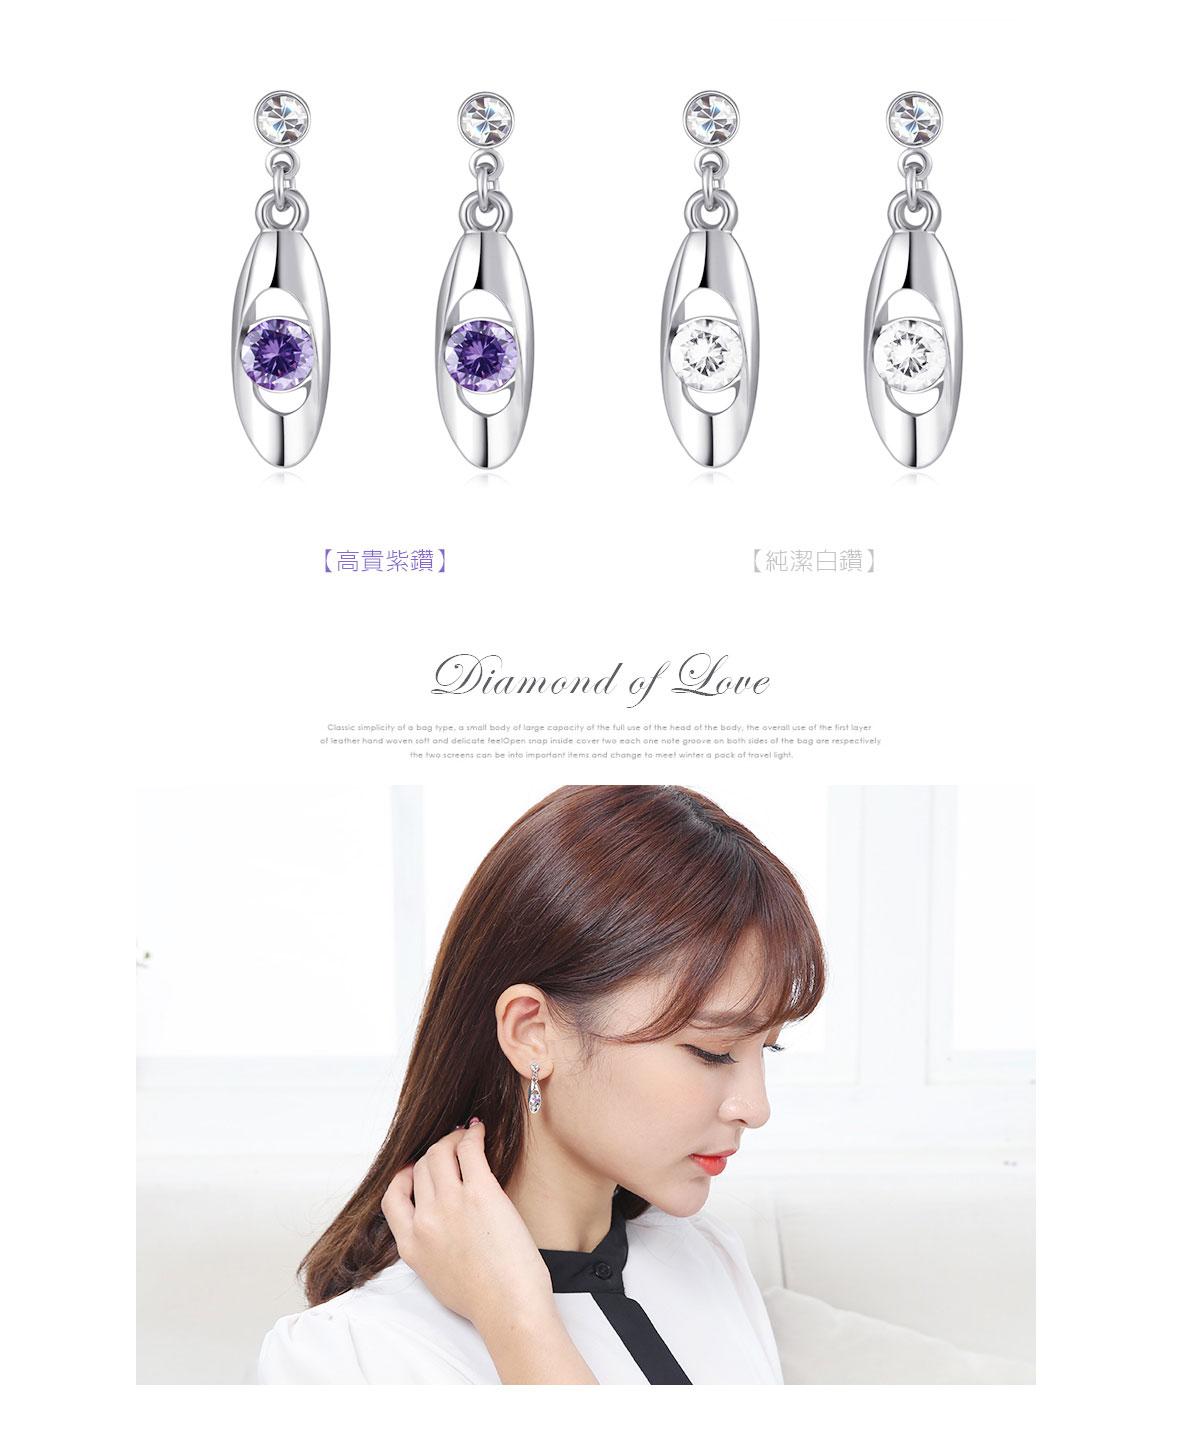 銀白時尚幾何亮鑽黏式耳環,高貴紫鑽,純潔白鑽